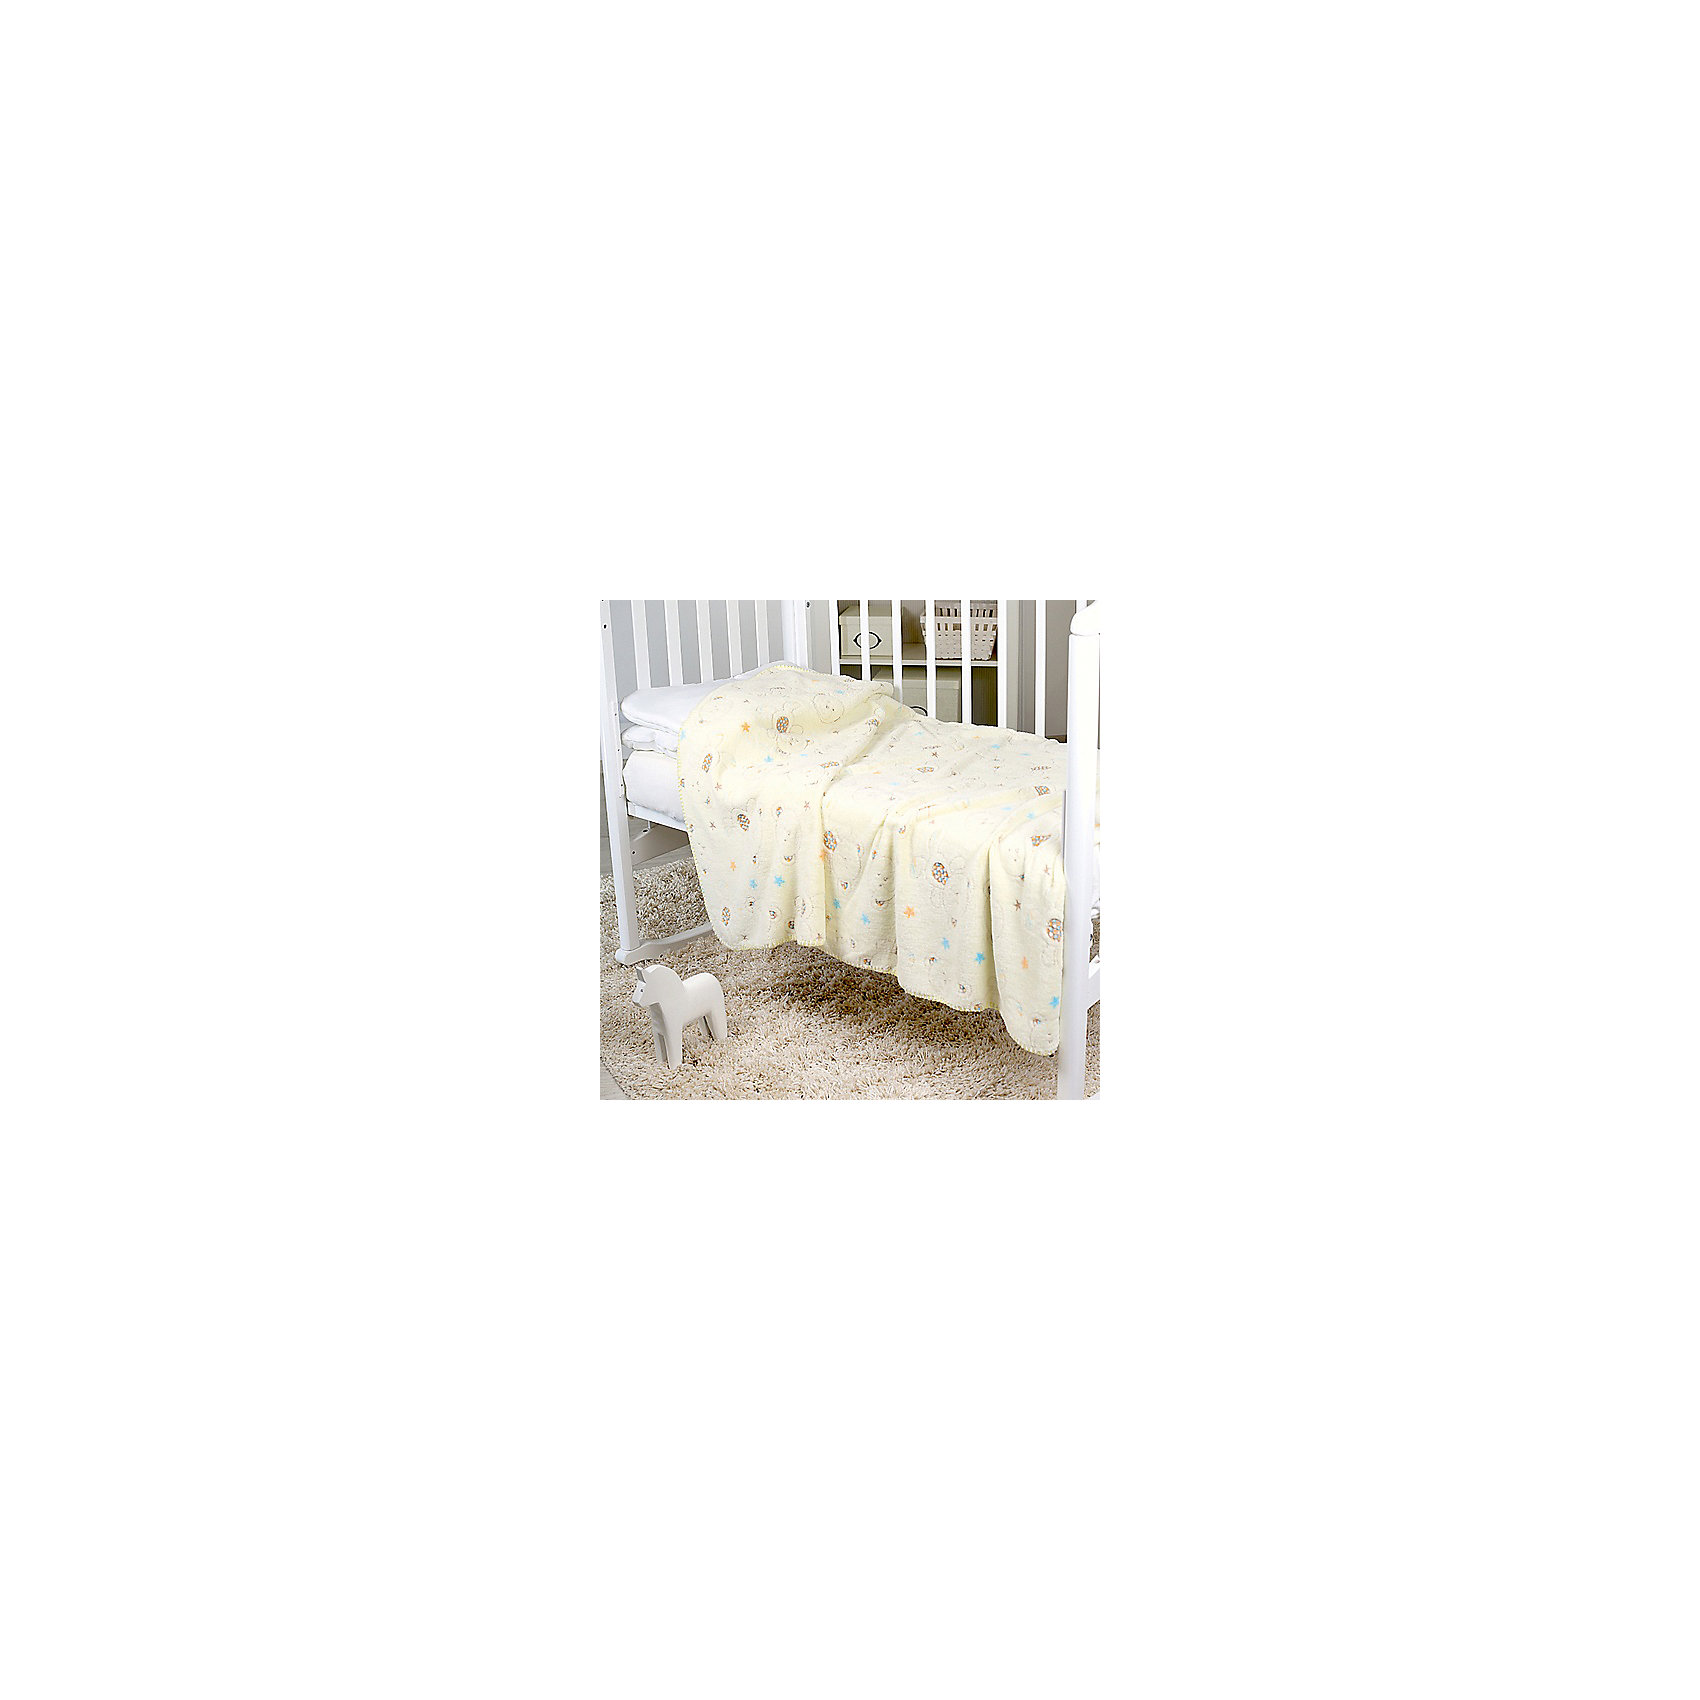 Плед-покрывало Мишки и звезды 75х100 Velsoft 2-стороннее оверлок, Baby NiceОдеяла, пледы<br>Постельные принадлежности для детей должны быть качественными и безопасными. Этот плед-покрывало разработан специально для малышей, оно обеспечивает комфорт на всю ночь. Плед украшен симпатичным принтом.<br>Пледик сшит из мягкого легкого  материала - велсофта, приятного на ощупь. Он не вызывает аллергии, что особенно важно для малышей. Покрывало обеспечит хорошую терморегуляцию, а значит - крепкий сон. Плед сделан из высококачественных материалов, безопасных для ребенка.<br><br>Дополнительная информация:<br><br>цвет: разноцветный;<br>материал: велсофт;<br>принт;<br>размер: 75 х 100 см;<br>обработка: оверлок;<br>двустороннее.<br><br>Плед-покрывало Мишки и звезды 75х100 Velsoft 2-стороннее оверлок,  от компании Baby Nice можно купить в нашем магазине.<br><br>Ширина мм: 10<br>Глубина мм: 20<br>Высота мм: 10<br>Вес г: 400<br>Возраст от месяцев: 0<br>Возраст до месяцев: 36<br>Пол: Унисекс<br>Возраст: Детский<br>SKU: 4941805